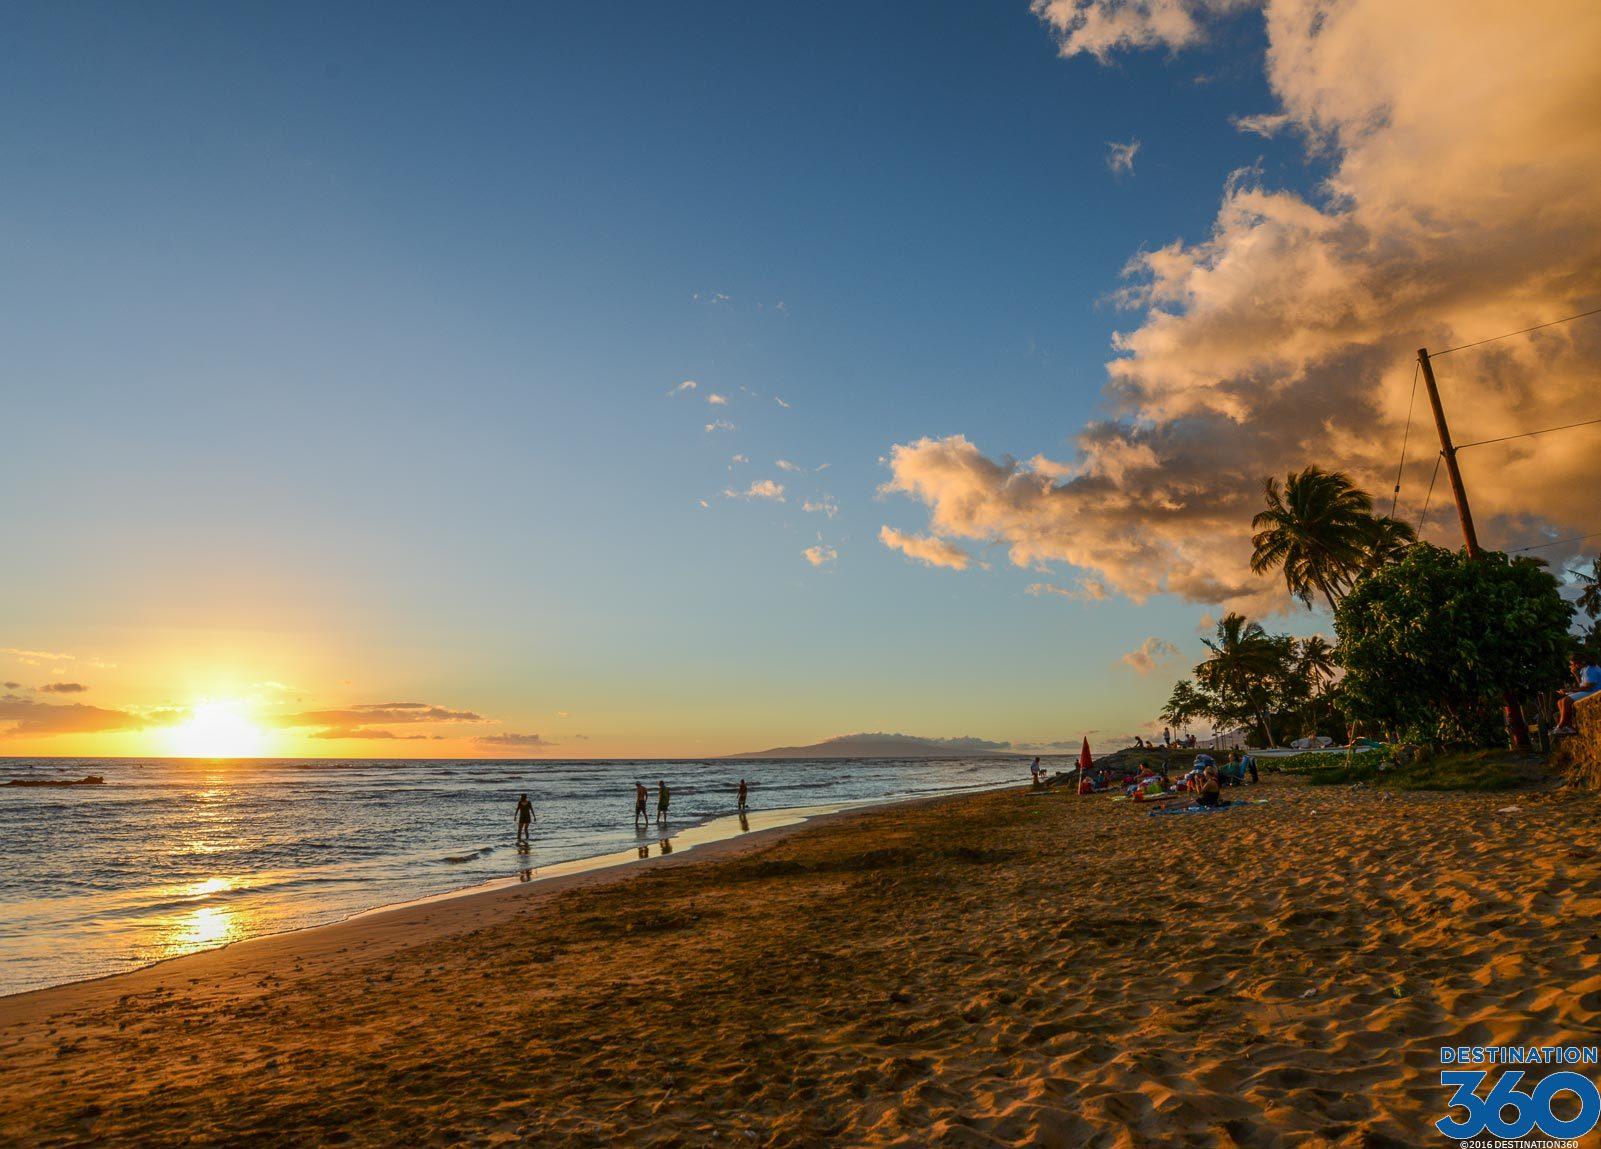 Drawn scenic beach Prettiest Scenic Pictures Most Beaches